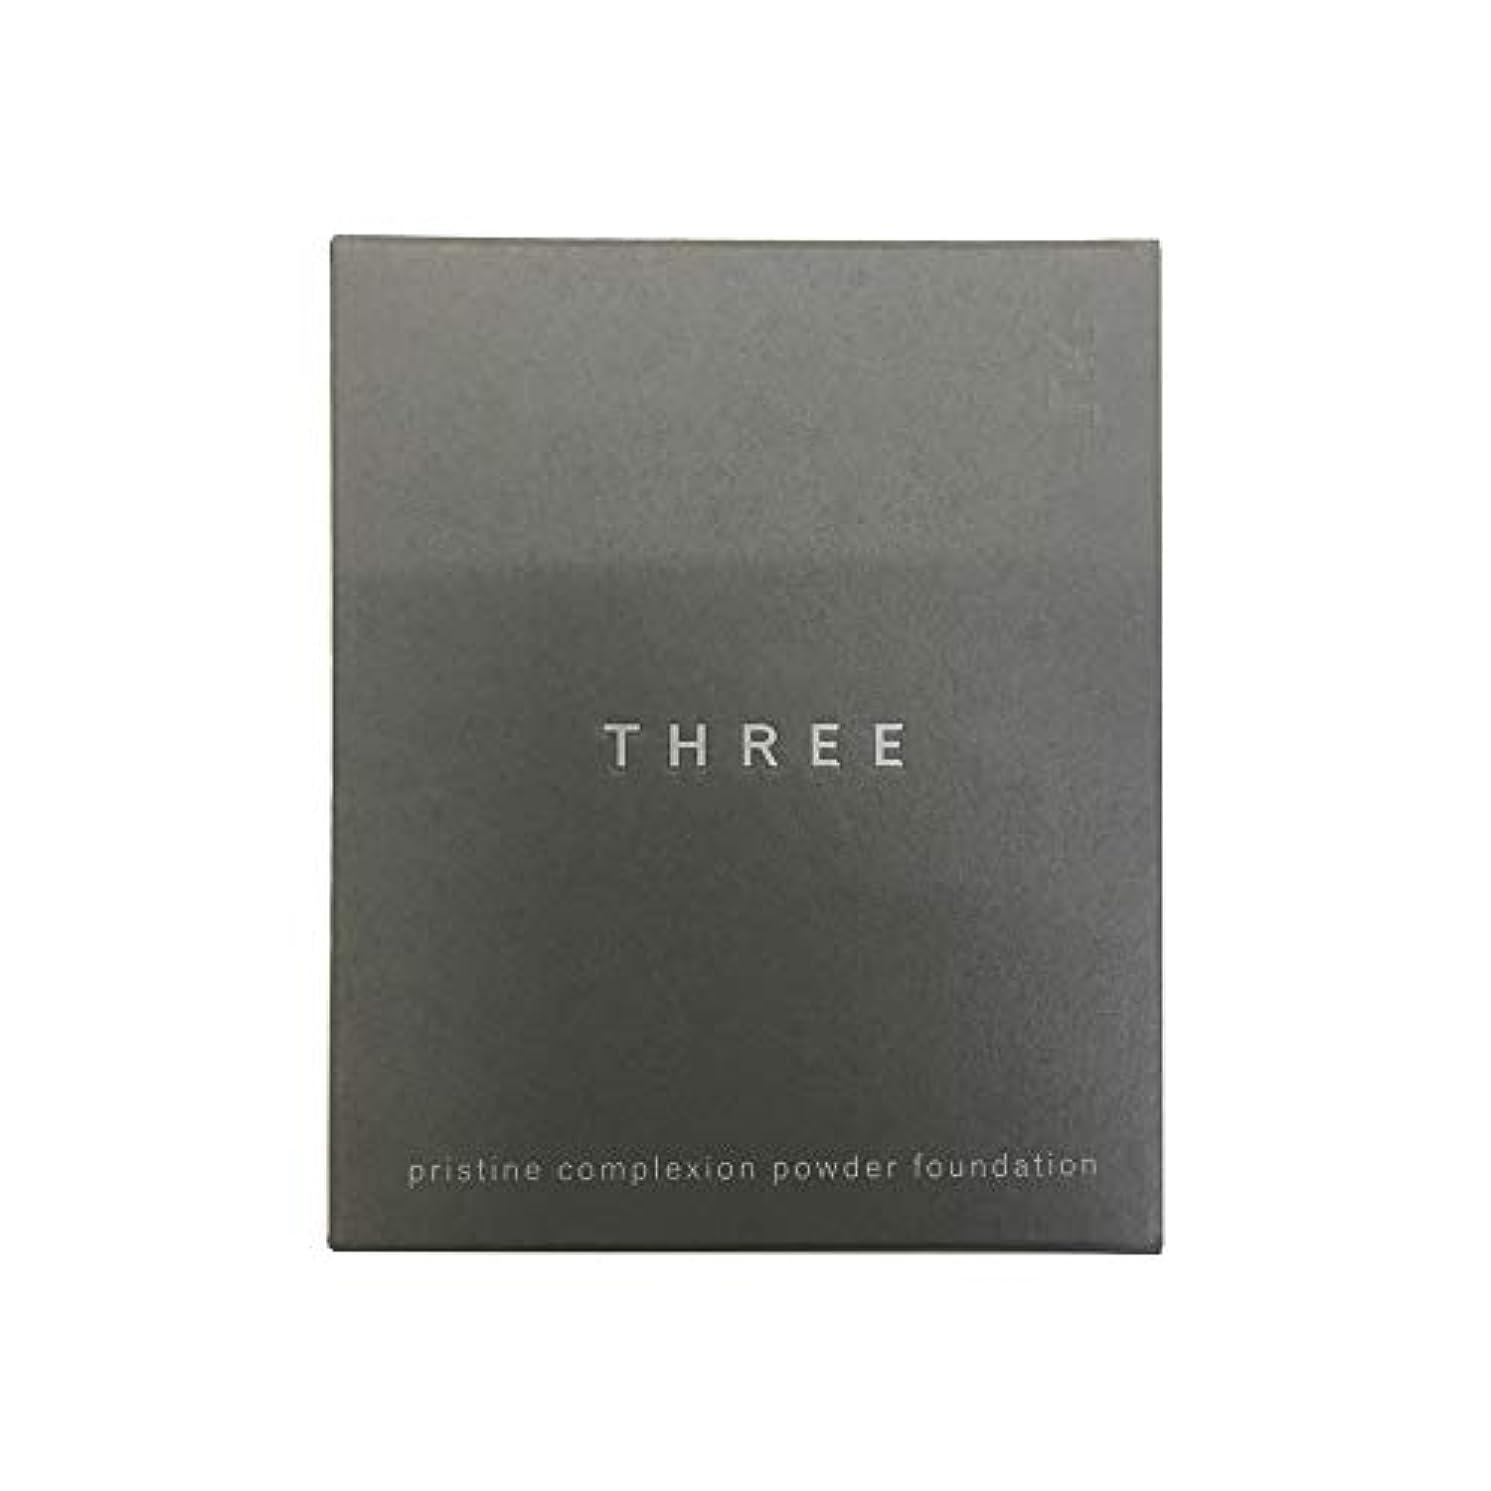 THREE(スリー) プリスティーンコンプレクションパウダーファンデーション #102(リフィル) [ パウダーファンデーション ] [並行輸入品]